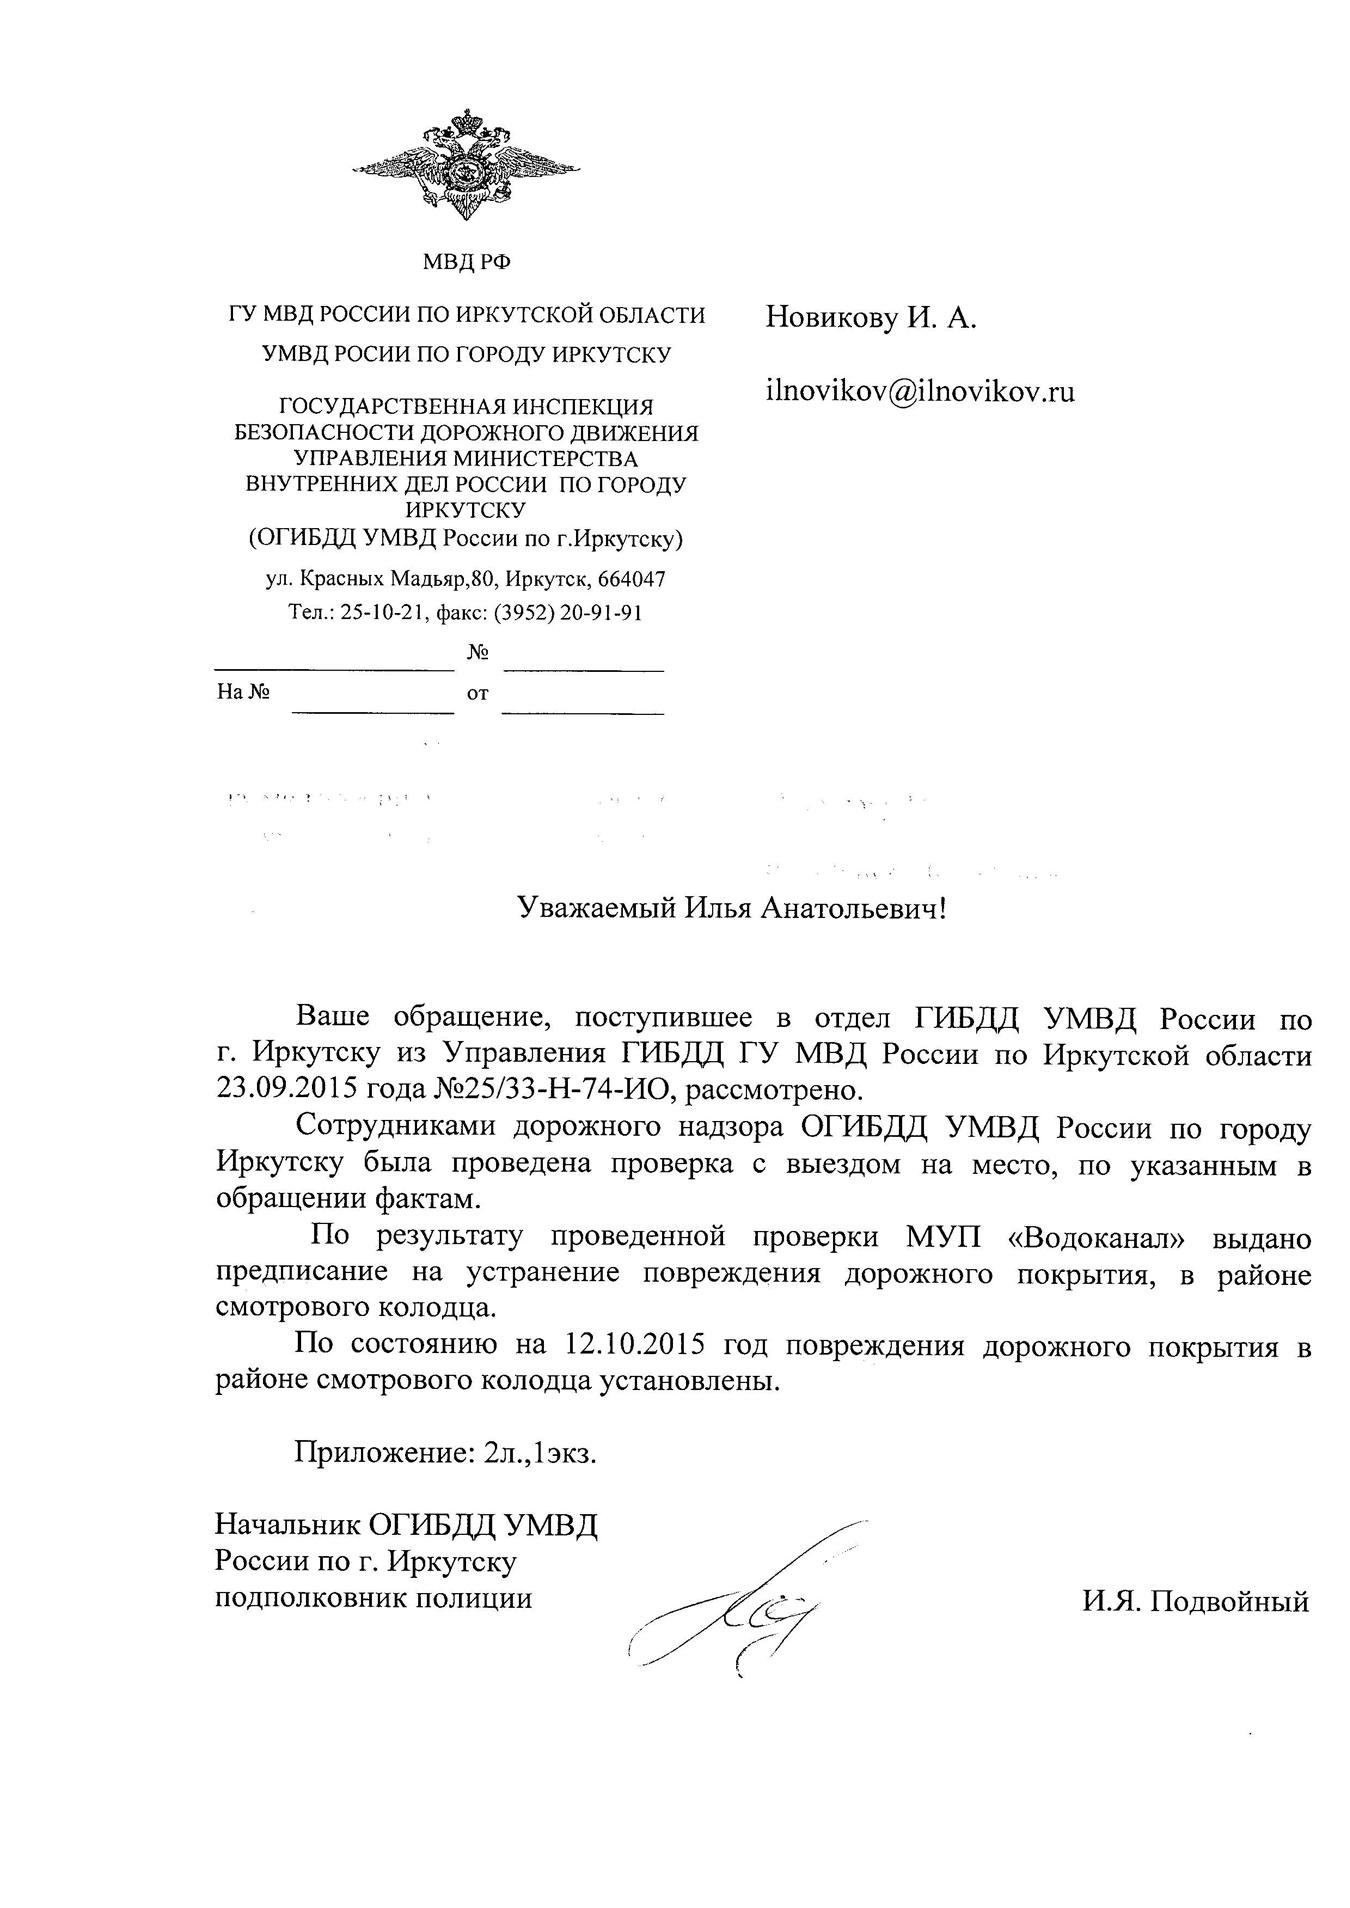 Этот ответ от ГИБДД пришел на электронную почту через 22 дня после жалобы